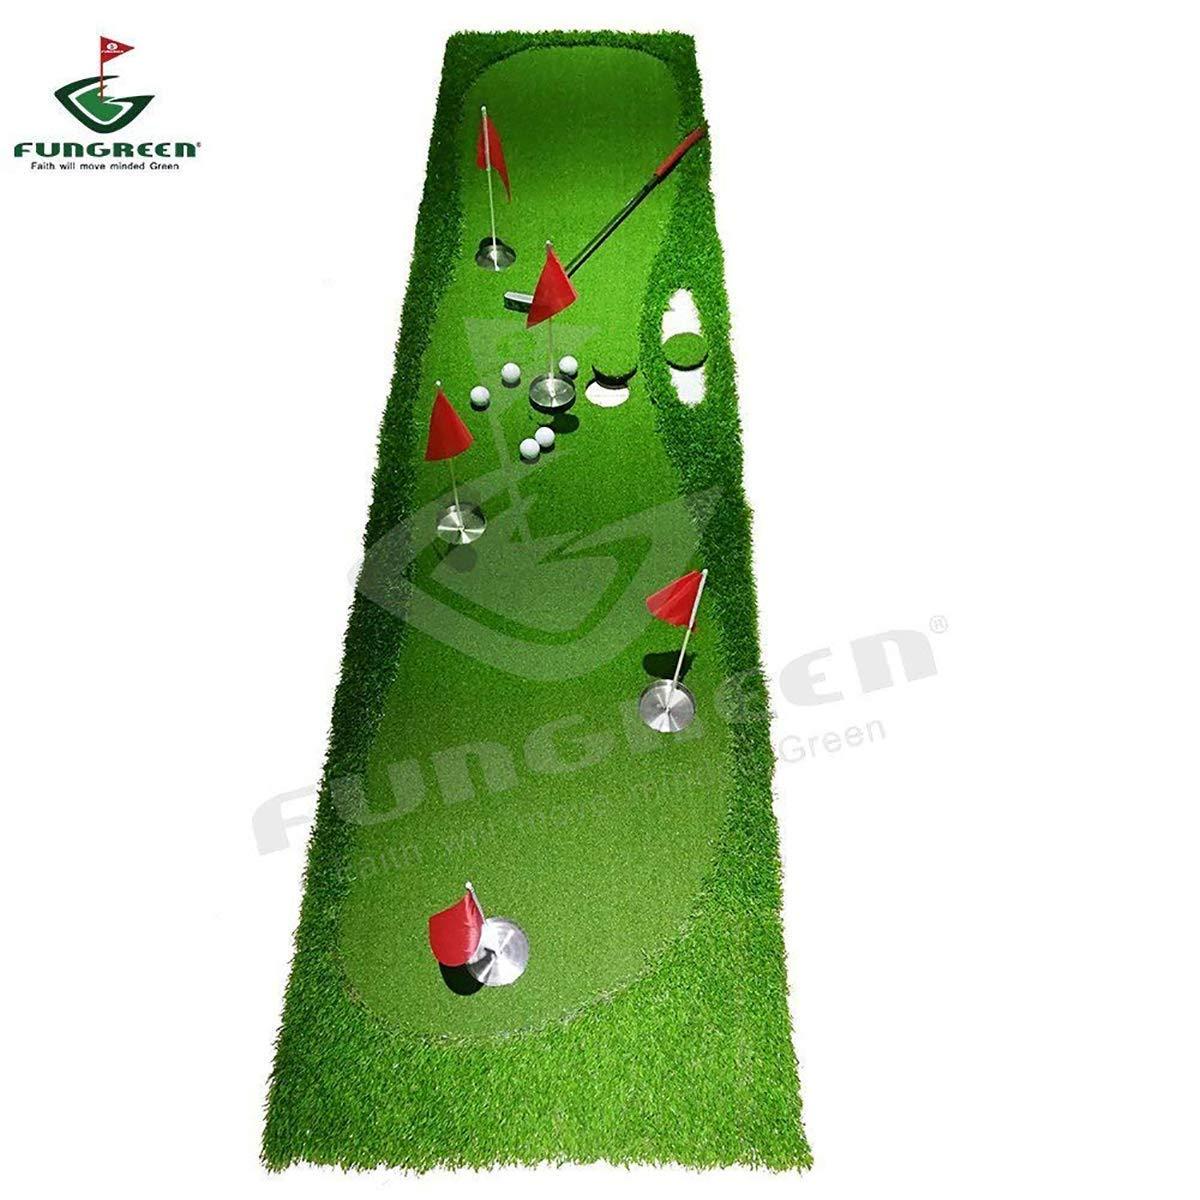 FUNGREEN ゴルフパッティング5穴 グリーン 75x300cm 屋内 屋外 トレーニング パターマット 興味深い練習 ゴルフパッティングパッド 3つのバージョン 標準ファミリー デラックススタイル  スタンダード B07CG31DH7